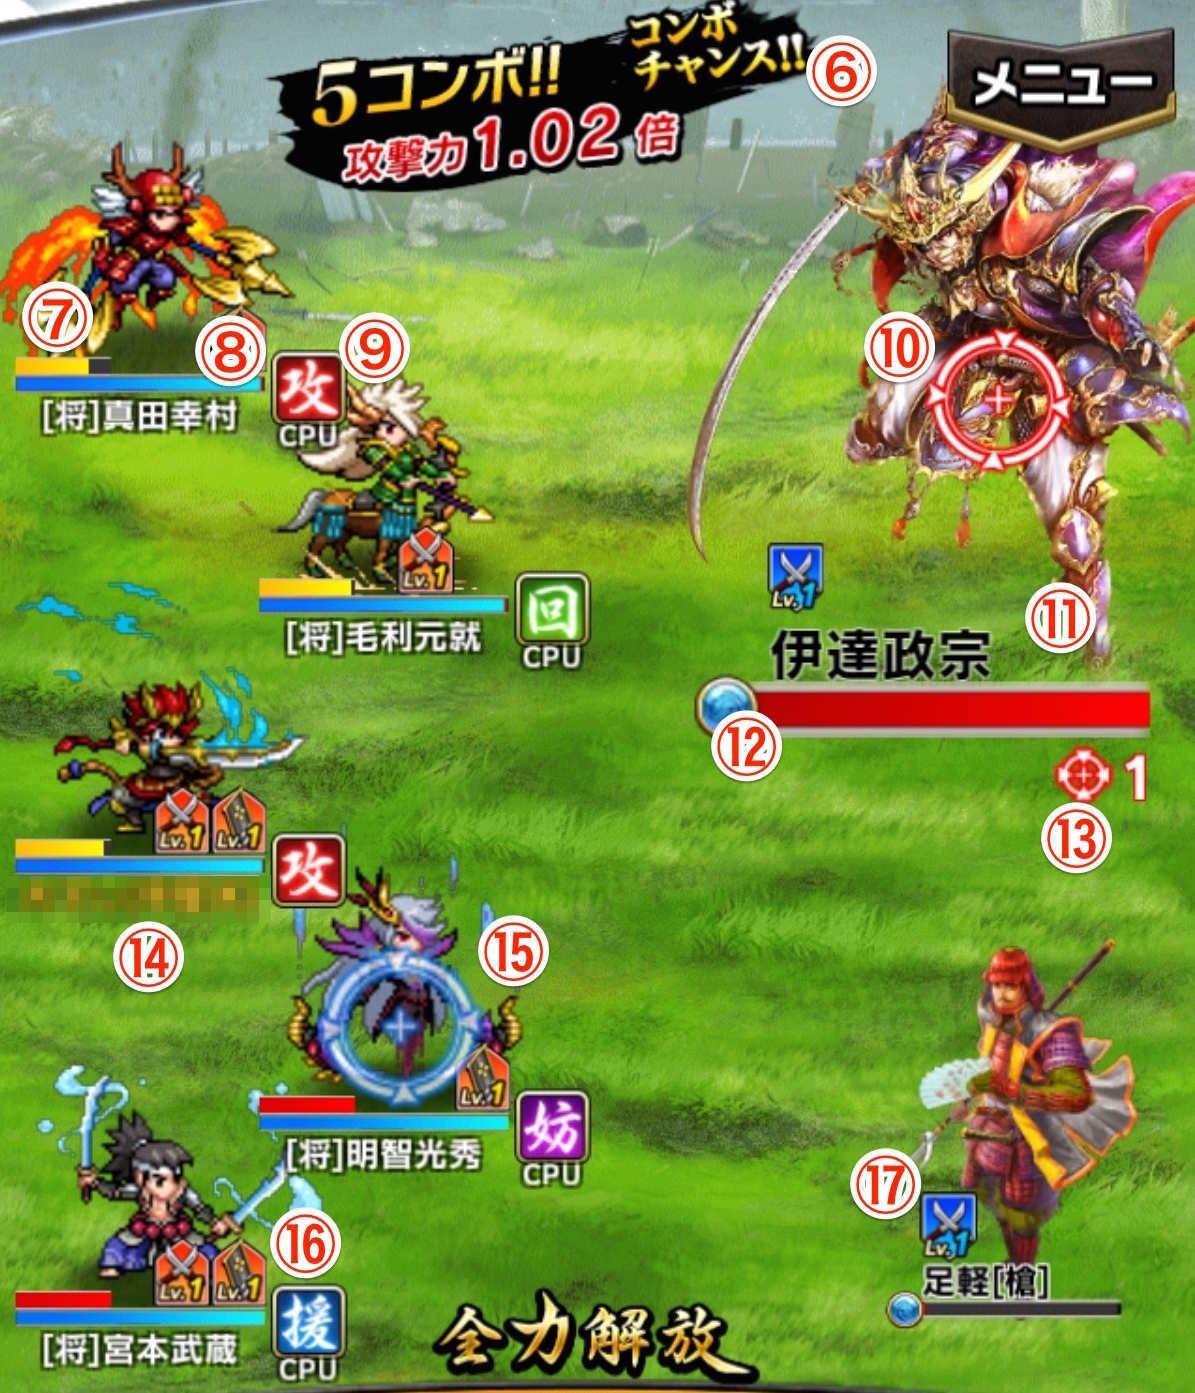 プレイ画面の見方の画像3